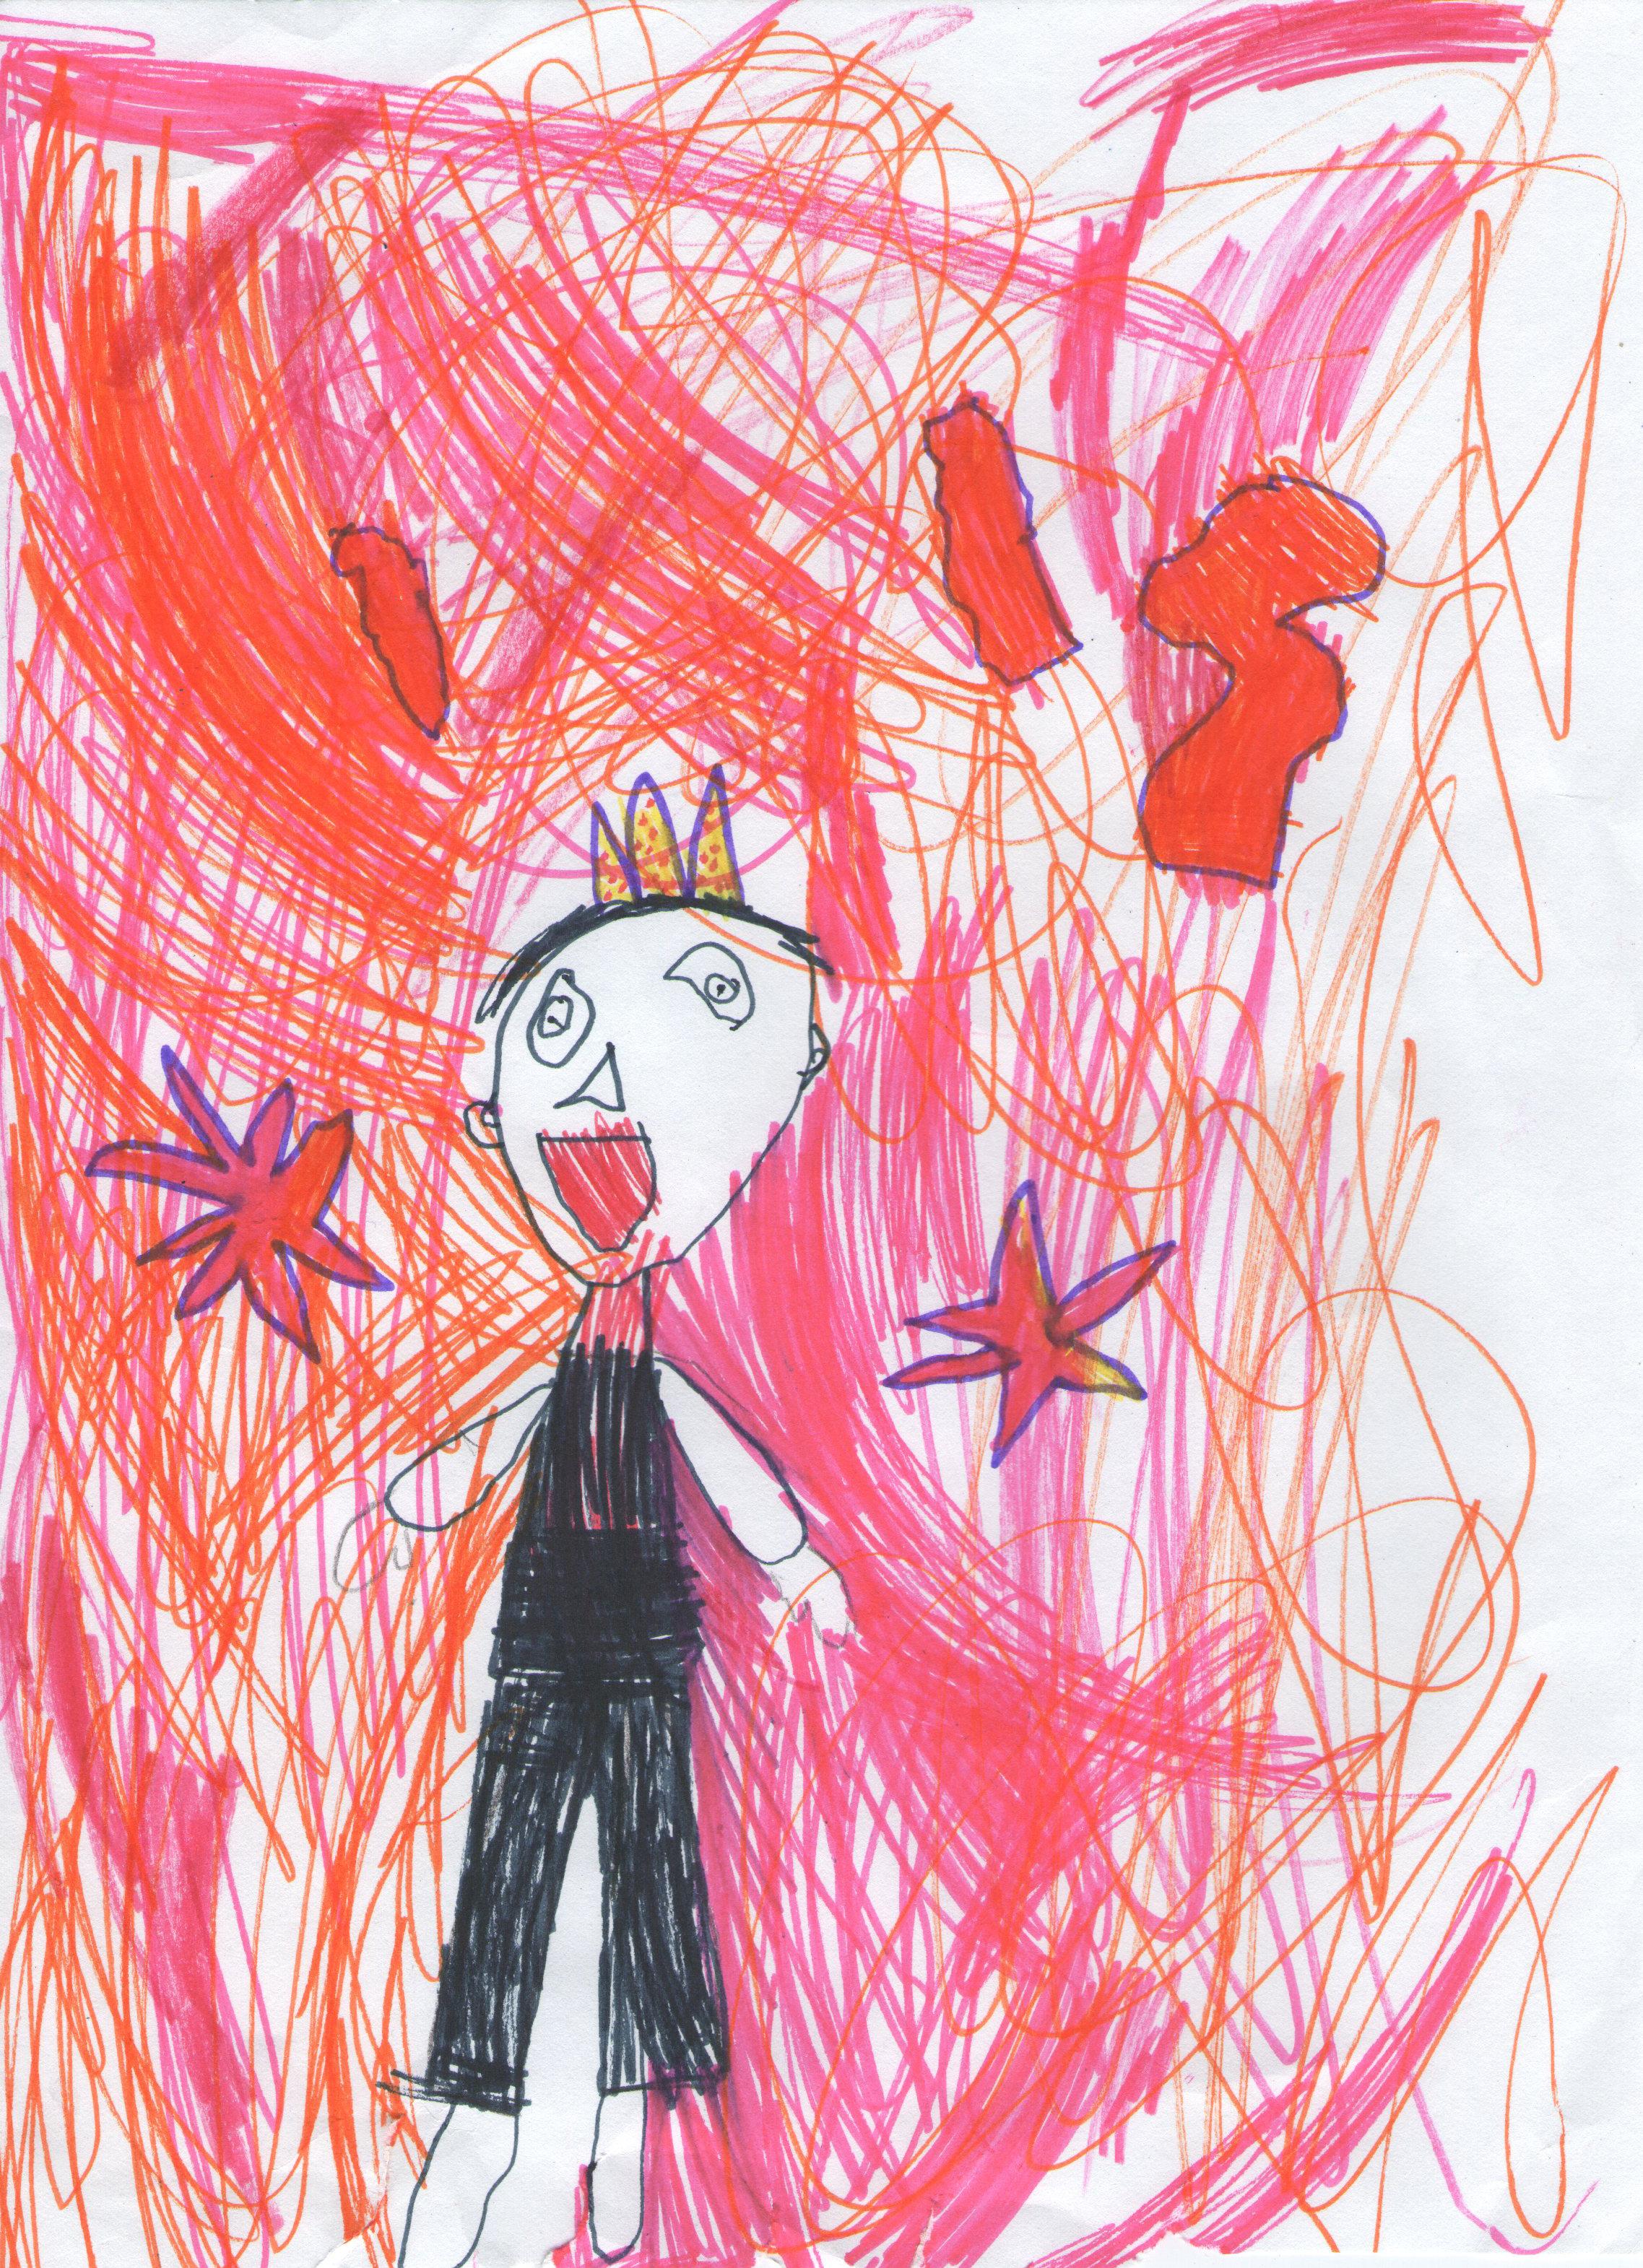 Gambar Merah Jeruk Seni Anak Gambar Kartun Ilustrasi